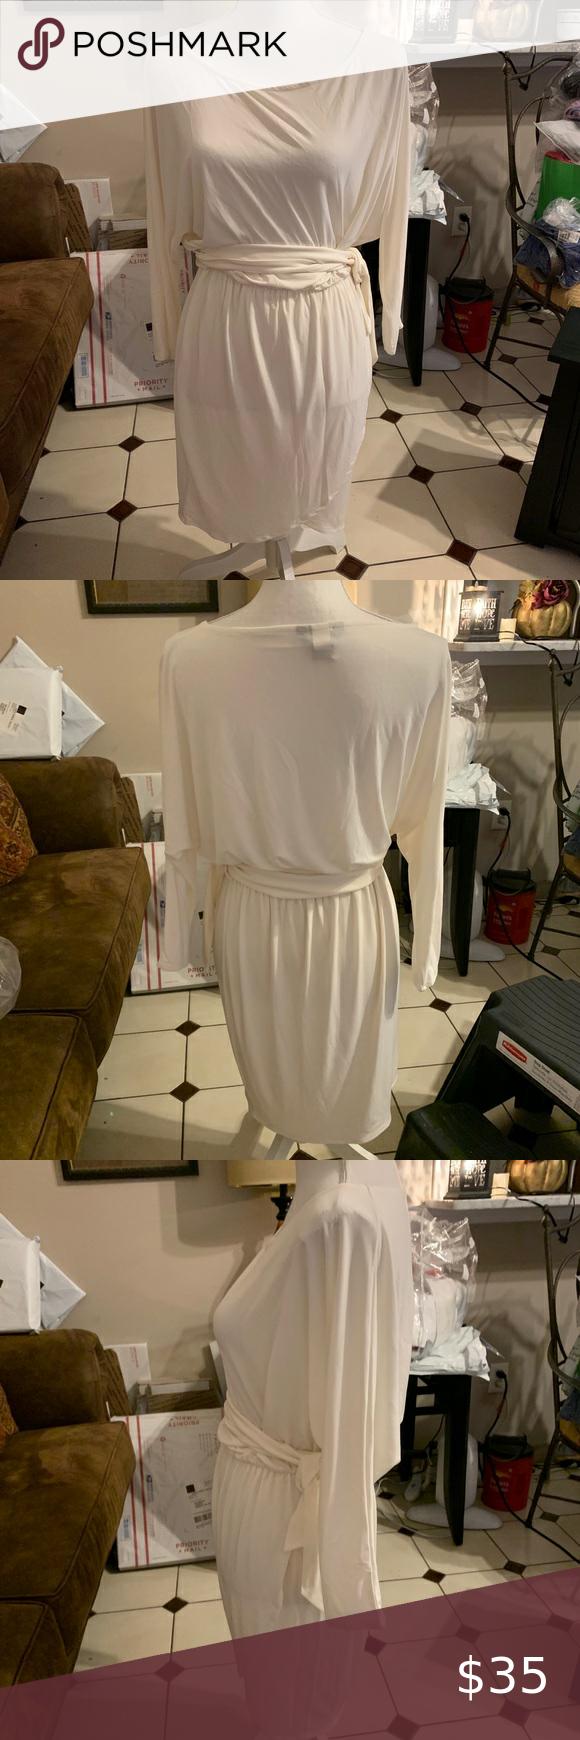 Victoria Secret Cocktail Dress Sp Floral Lace Bodycon Dress White Business Casual Dress Cocktail Dress [ 1740 x 580 Pixel ]